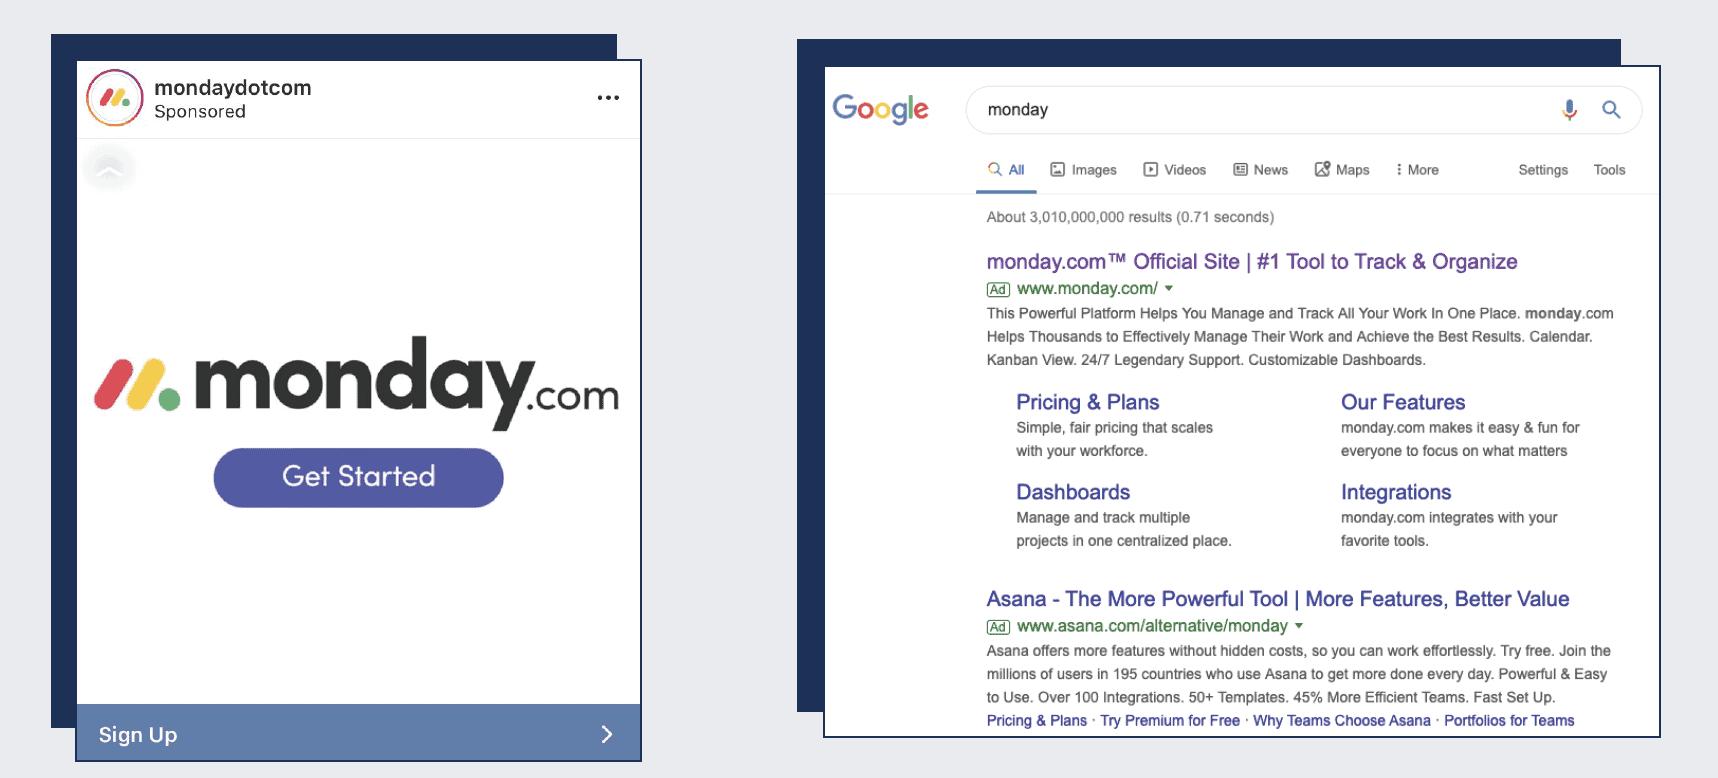 الدمج بين إعلانات جوجل وفيسبوك لزيادة التحويلات خلال رحلة العميل 3